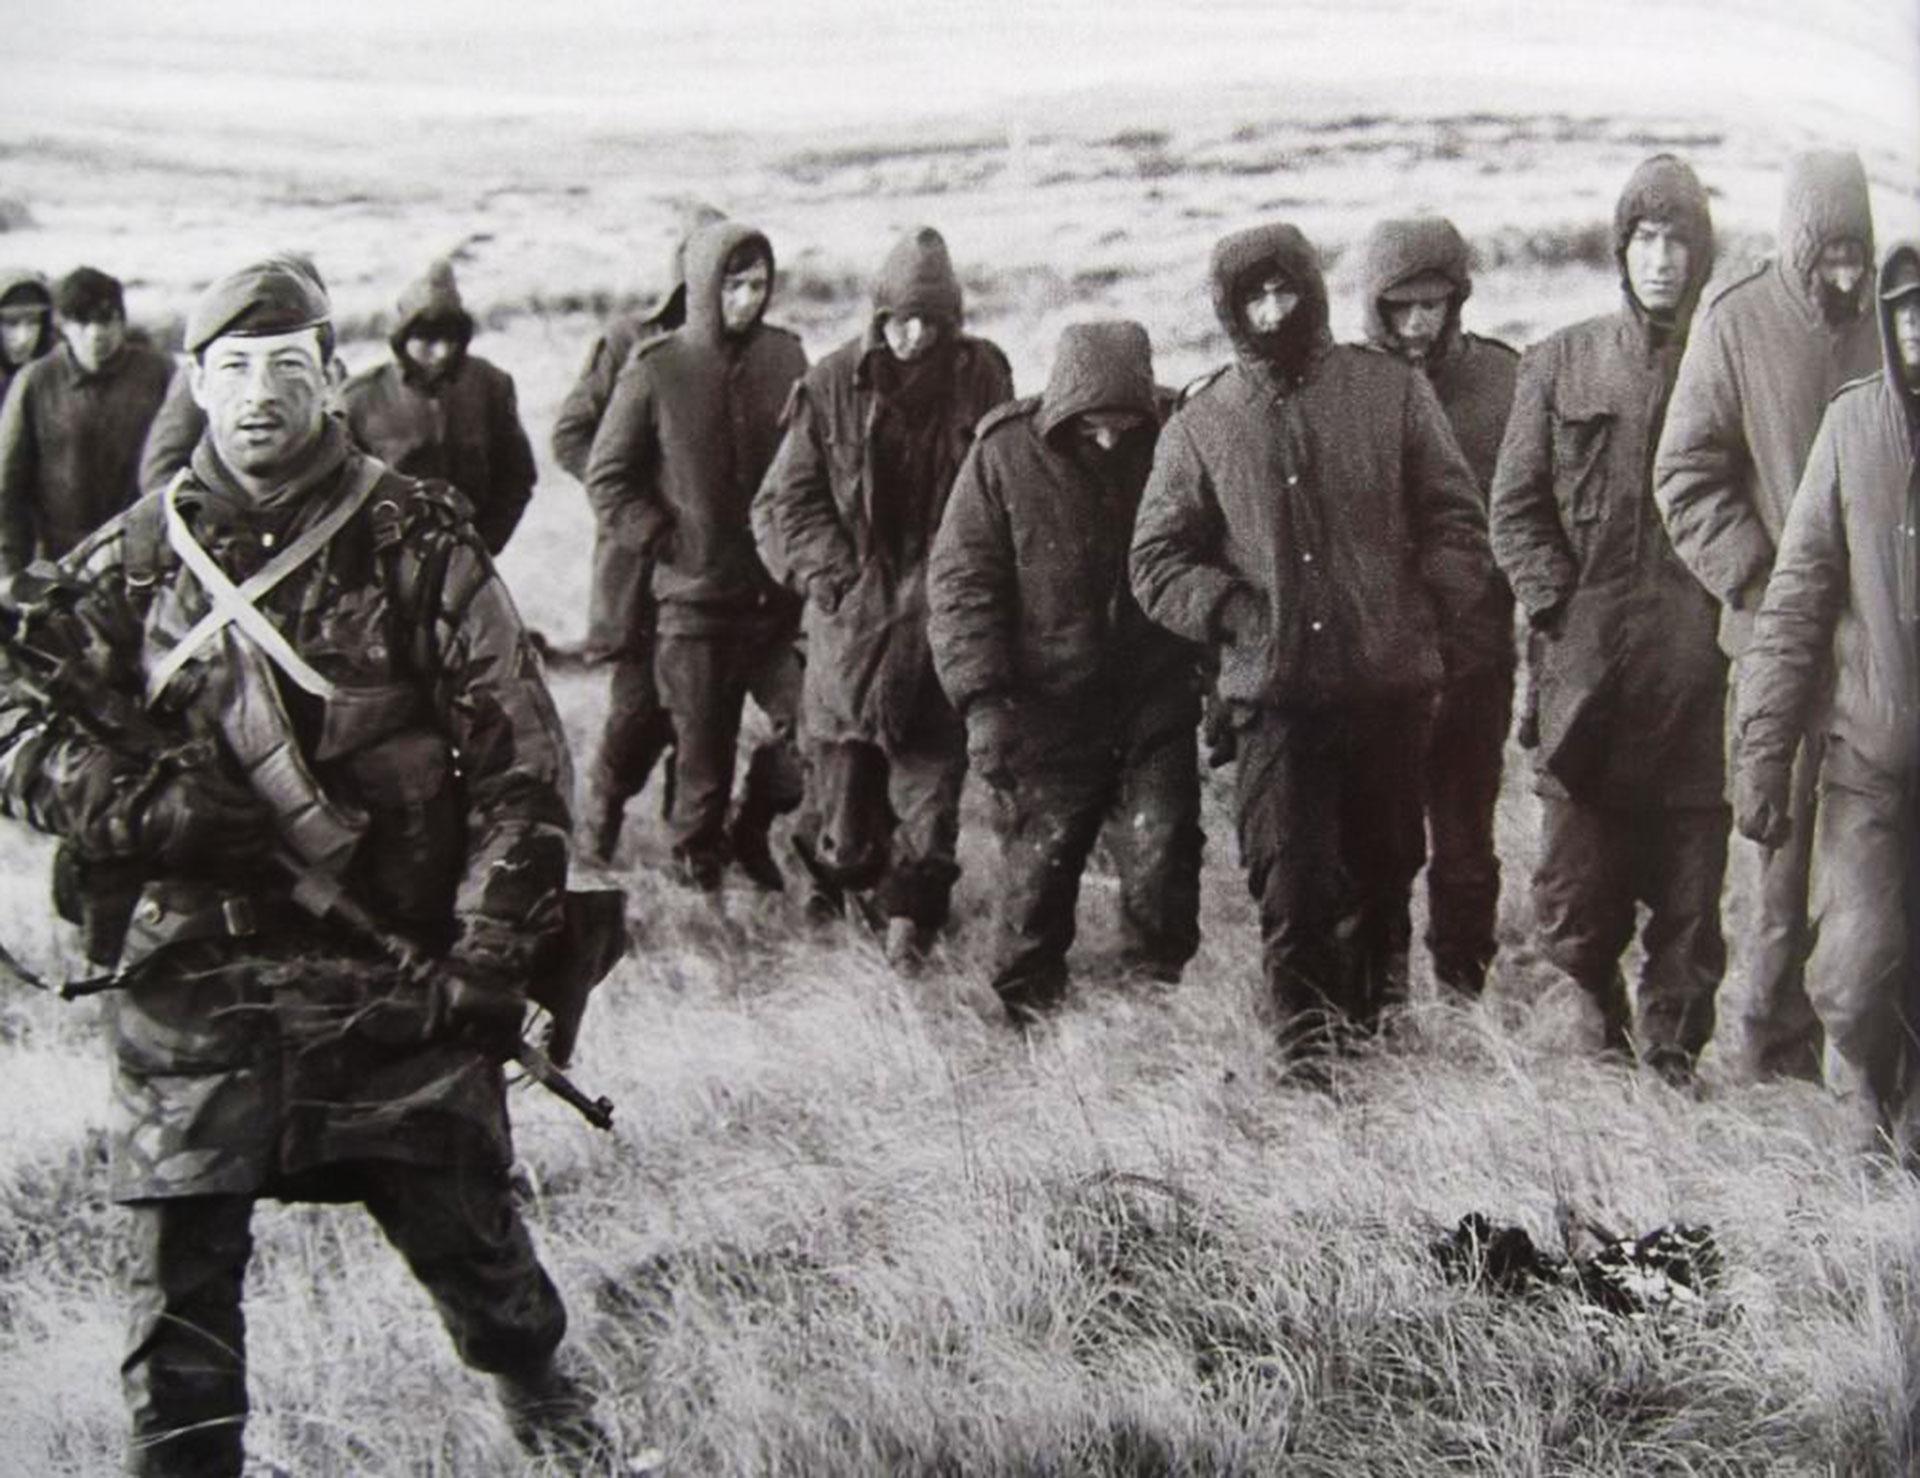 Exhaustos, muchos combatientes argentinos llevaban sesenta días en las mismas posiciones, en un clima extremo y bajo fuego desde el 1° de mayo